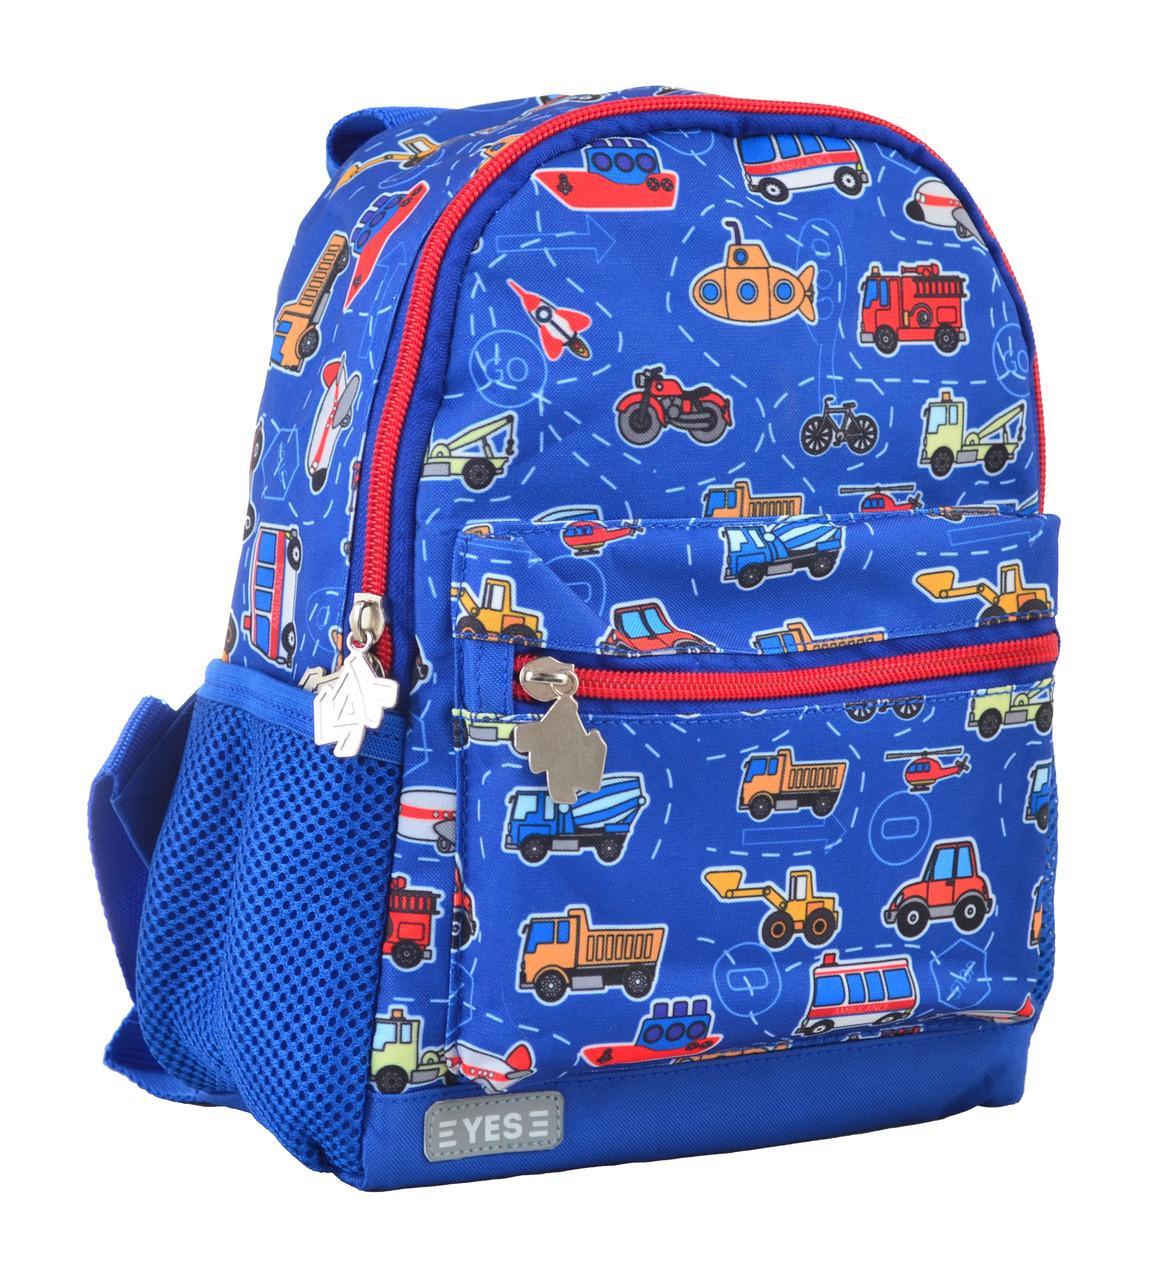 409ee09cb6d6 555070 Рюкзак дошкольный YES K-16